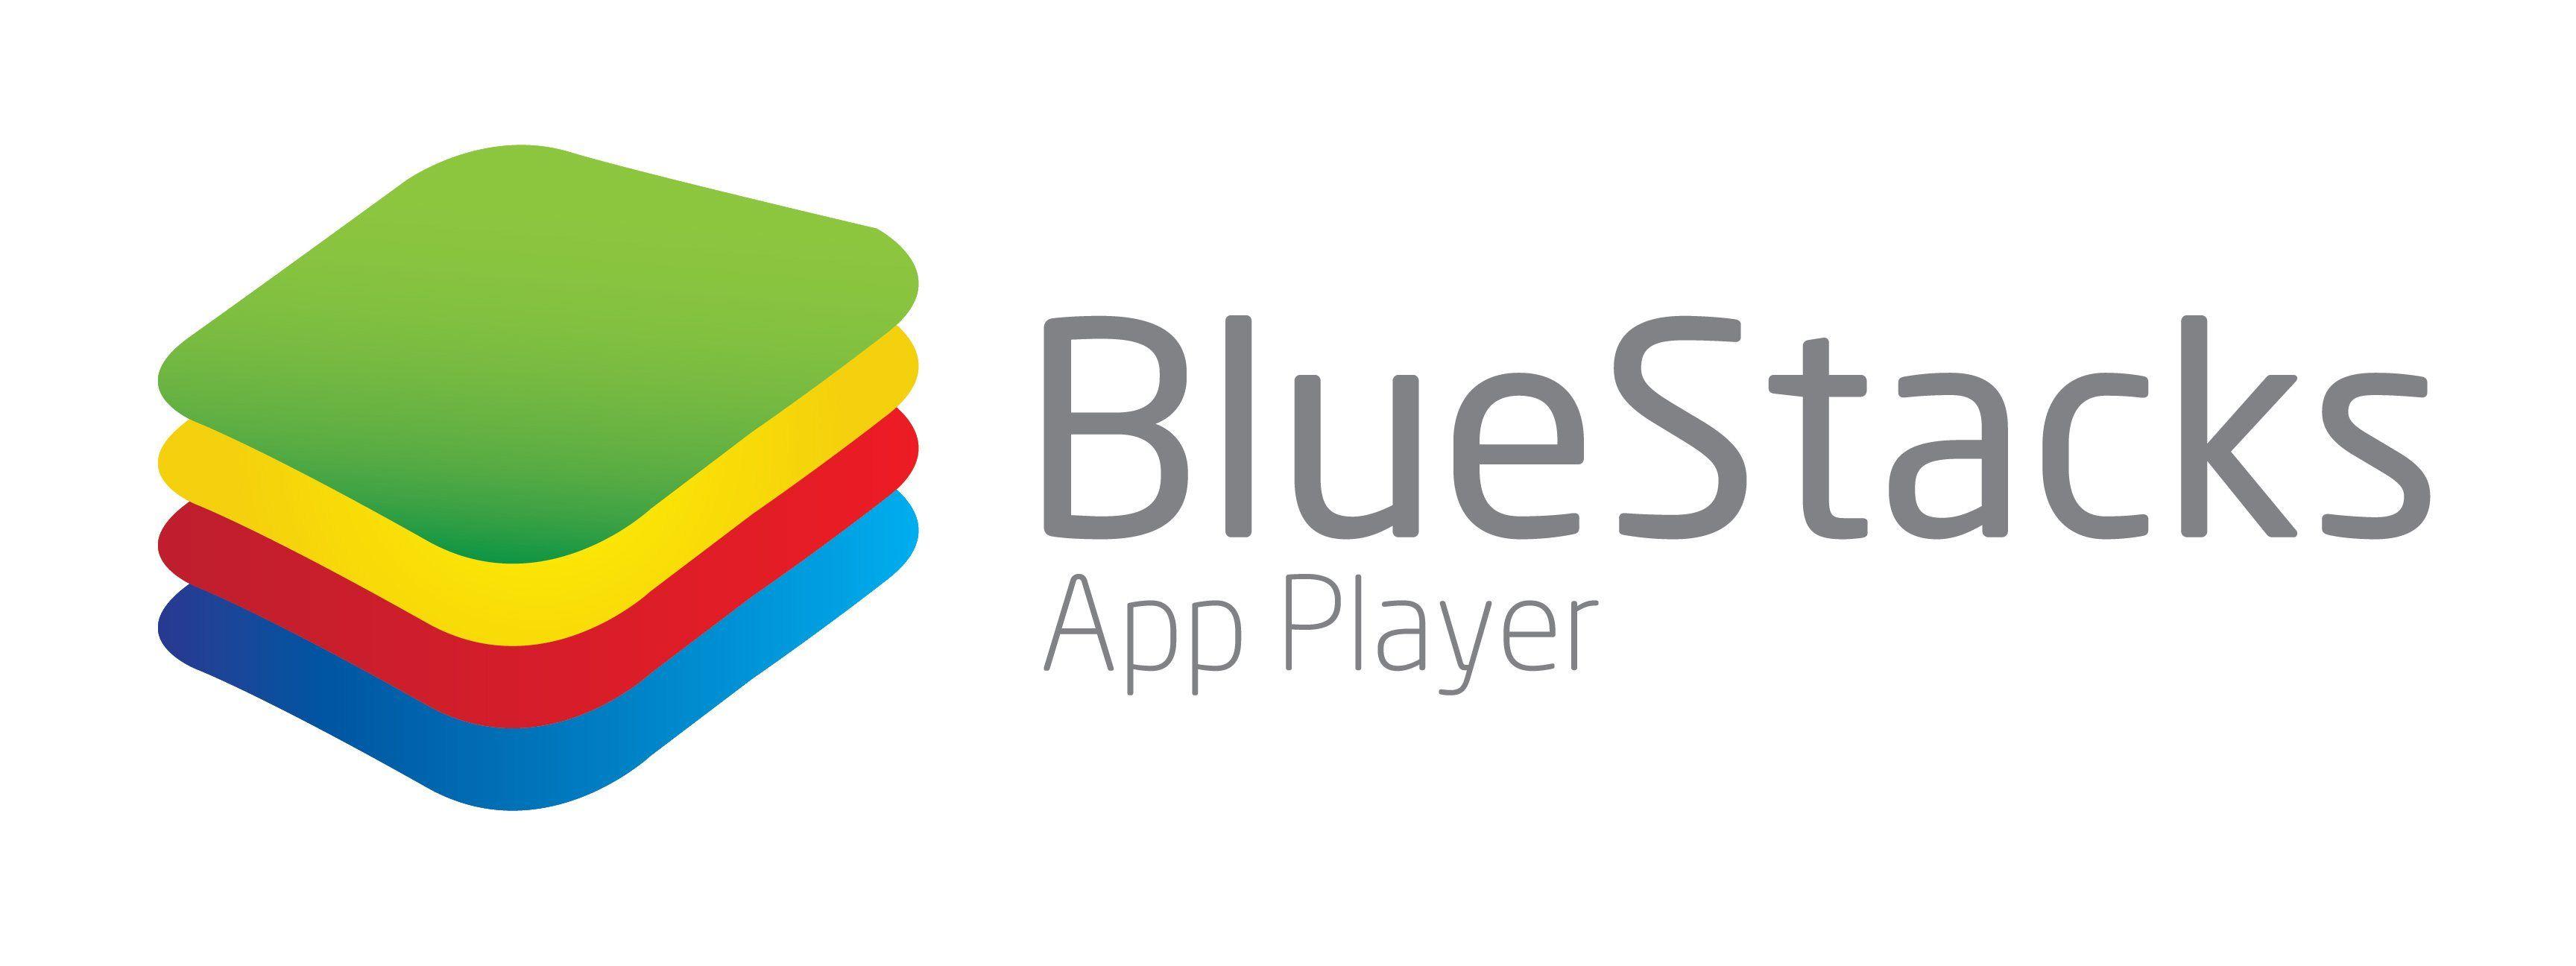 descargar emulador de Android Bluestacks